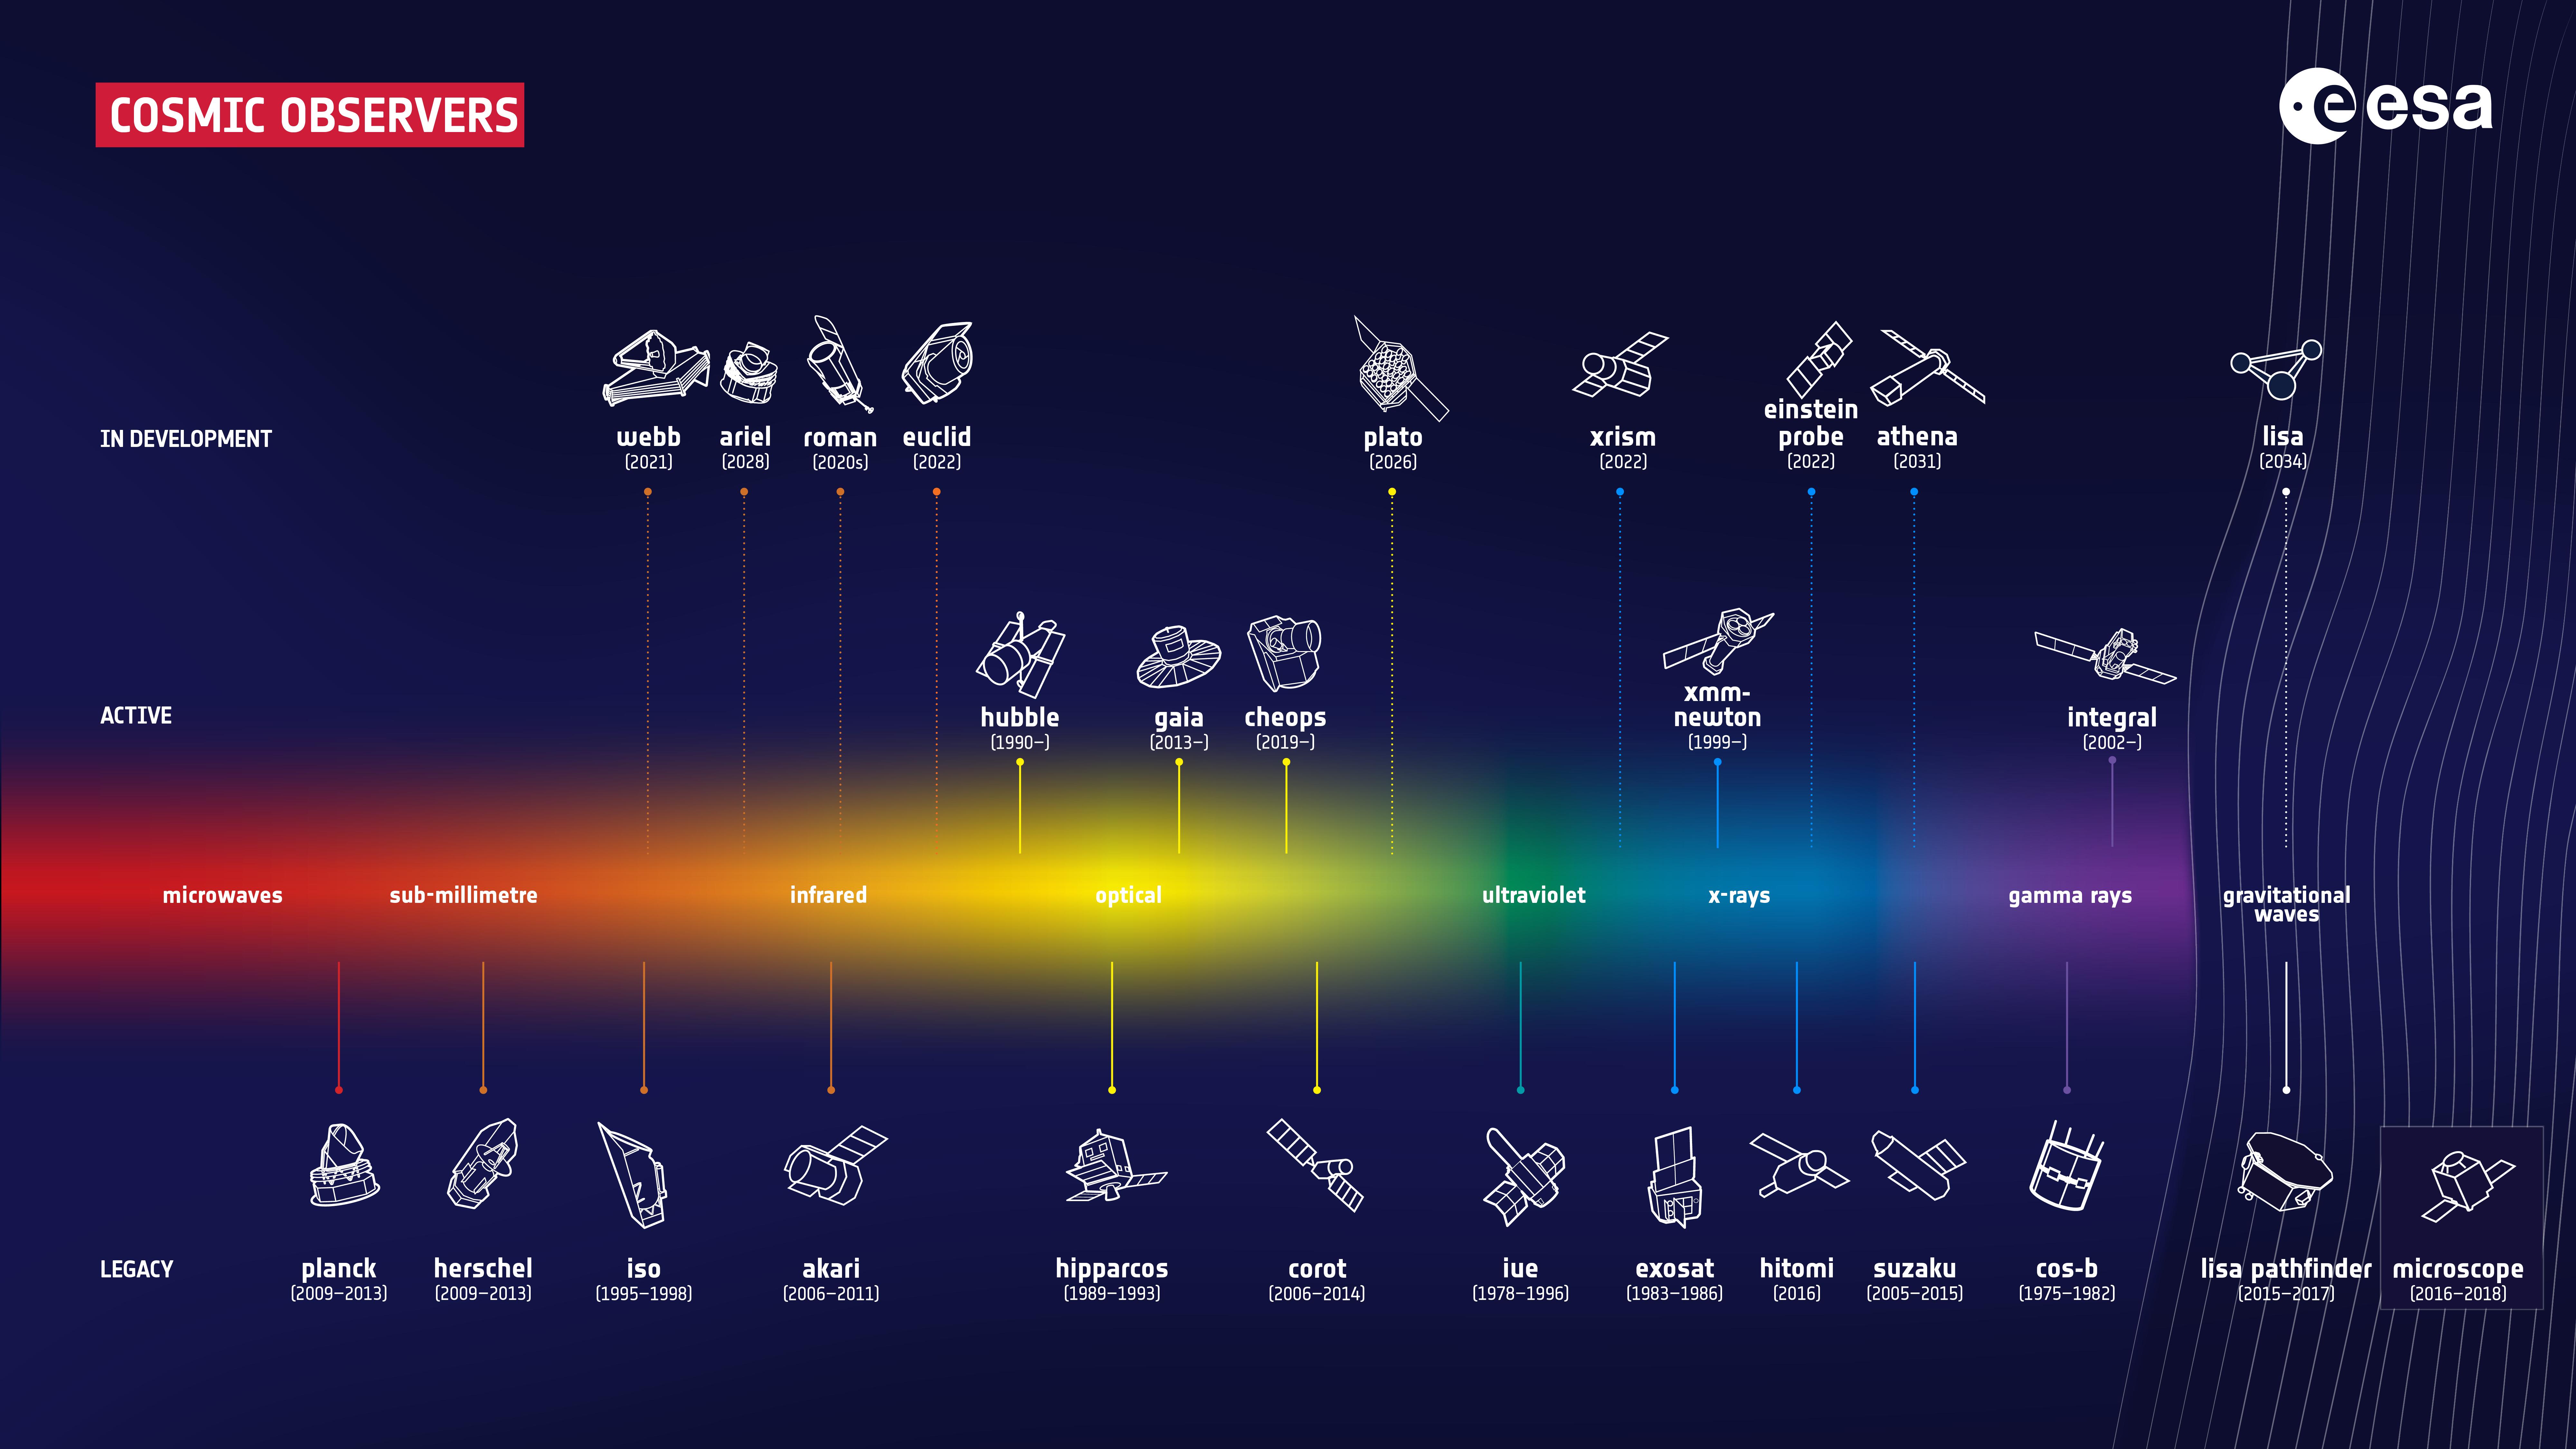 ESA_fleet_of_cosmic_observers_2021.png